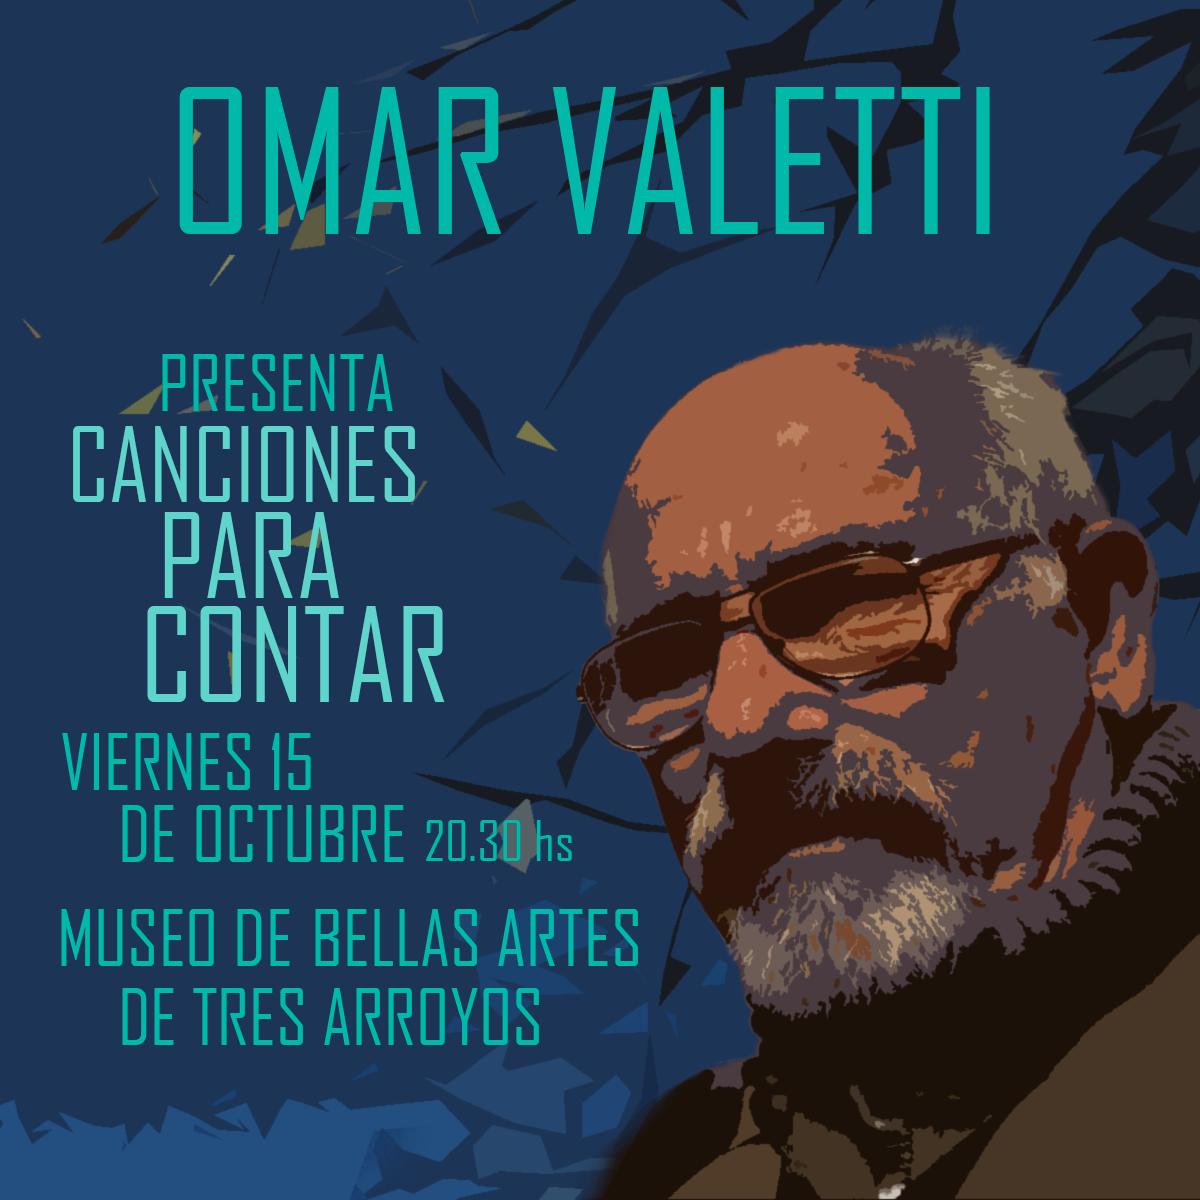 Canciones para contar: Omar Valetti se presentará en el MUBATA